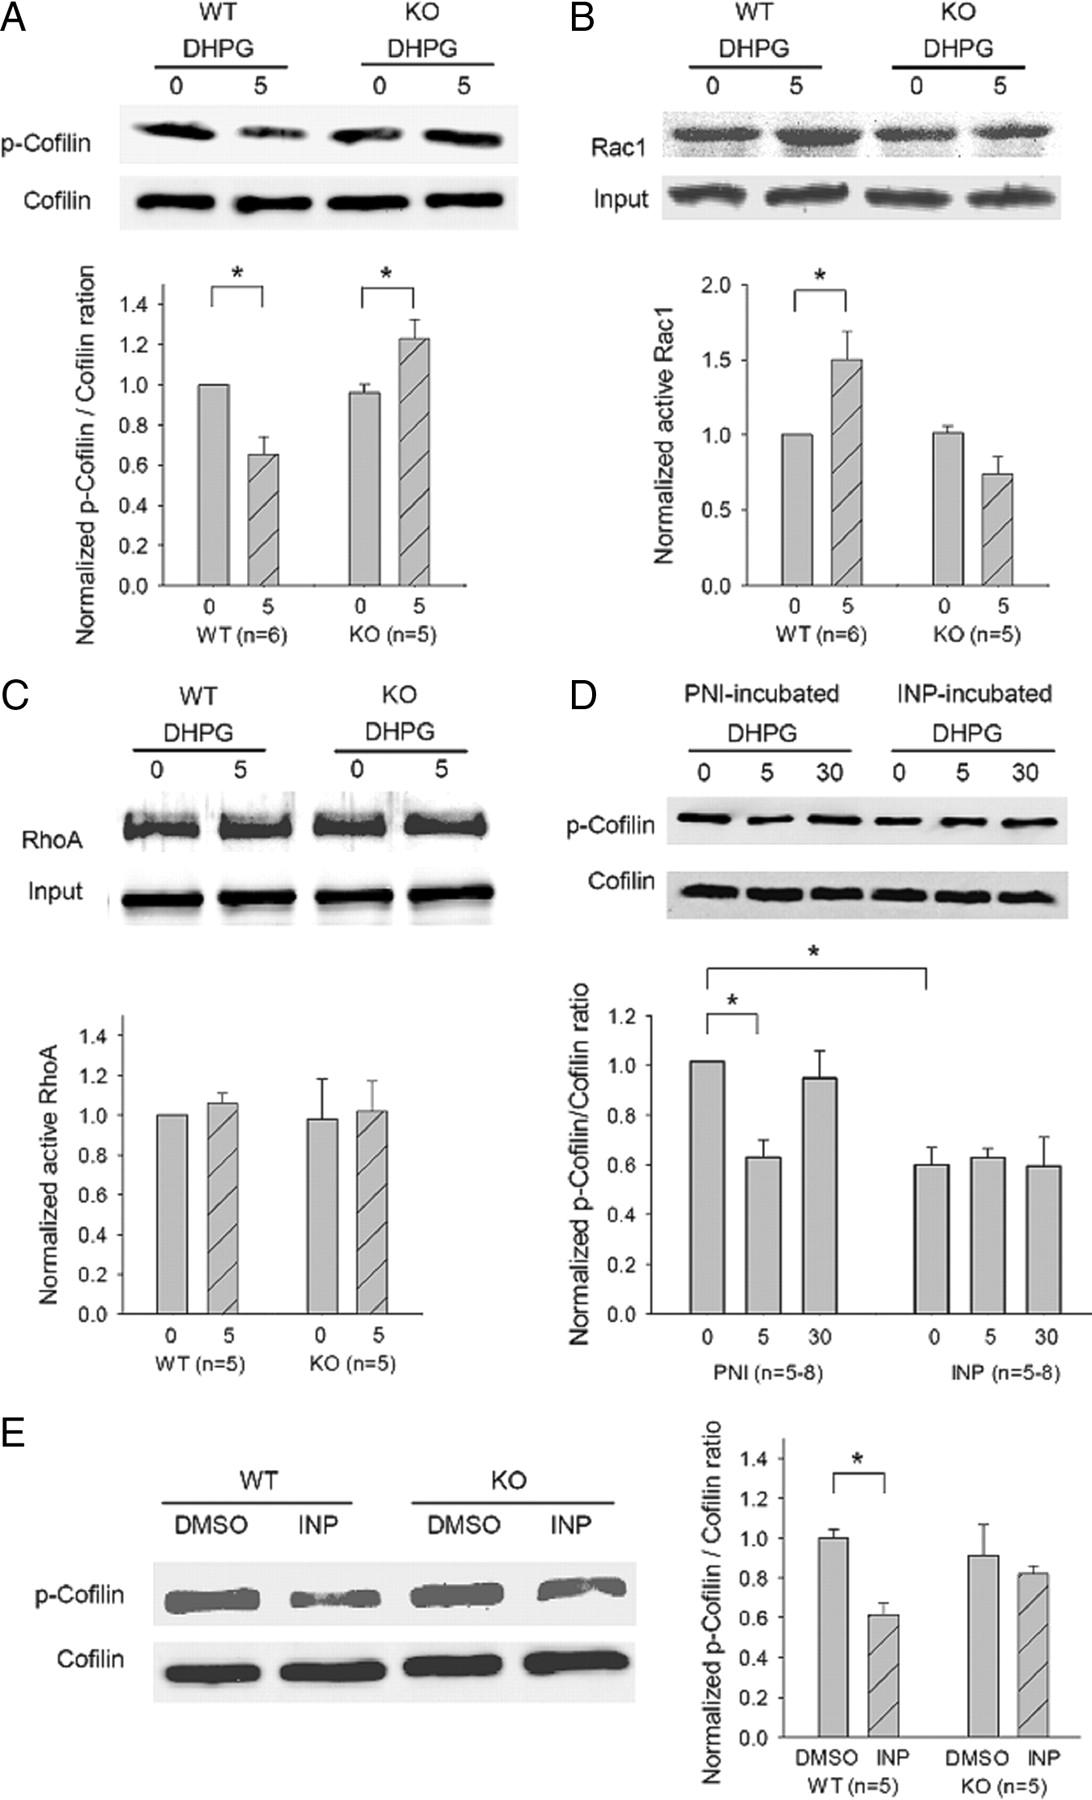 GluA2 (GluR2) Regulates Metabotropic Glutamate Receptor